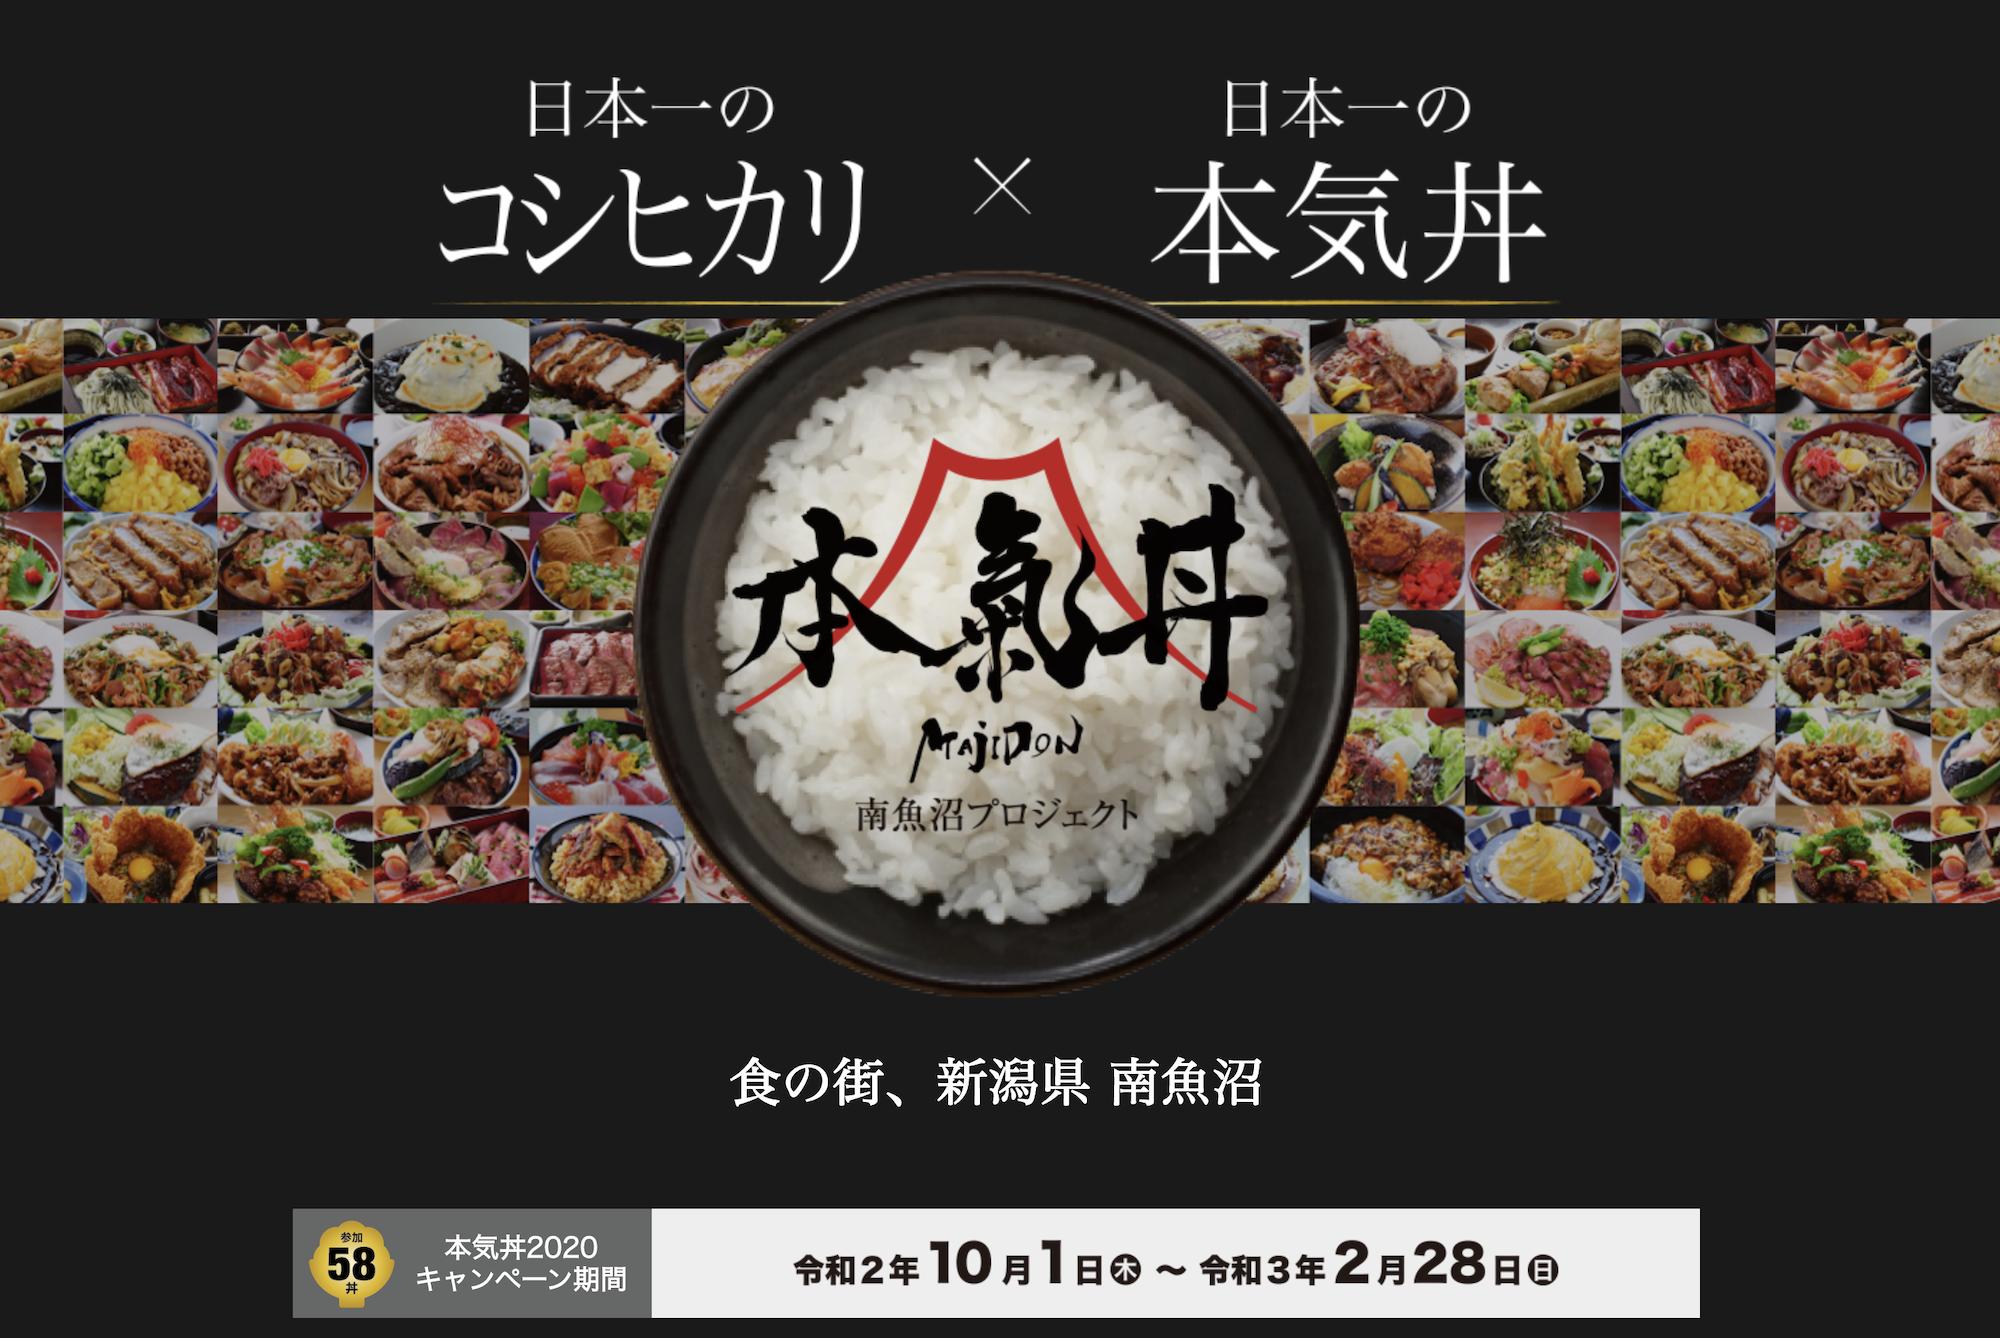 「南魚沼、本気丼」公式ウェブサイト